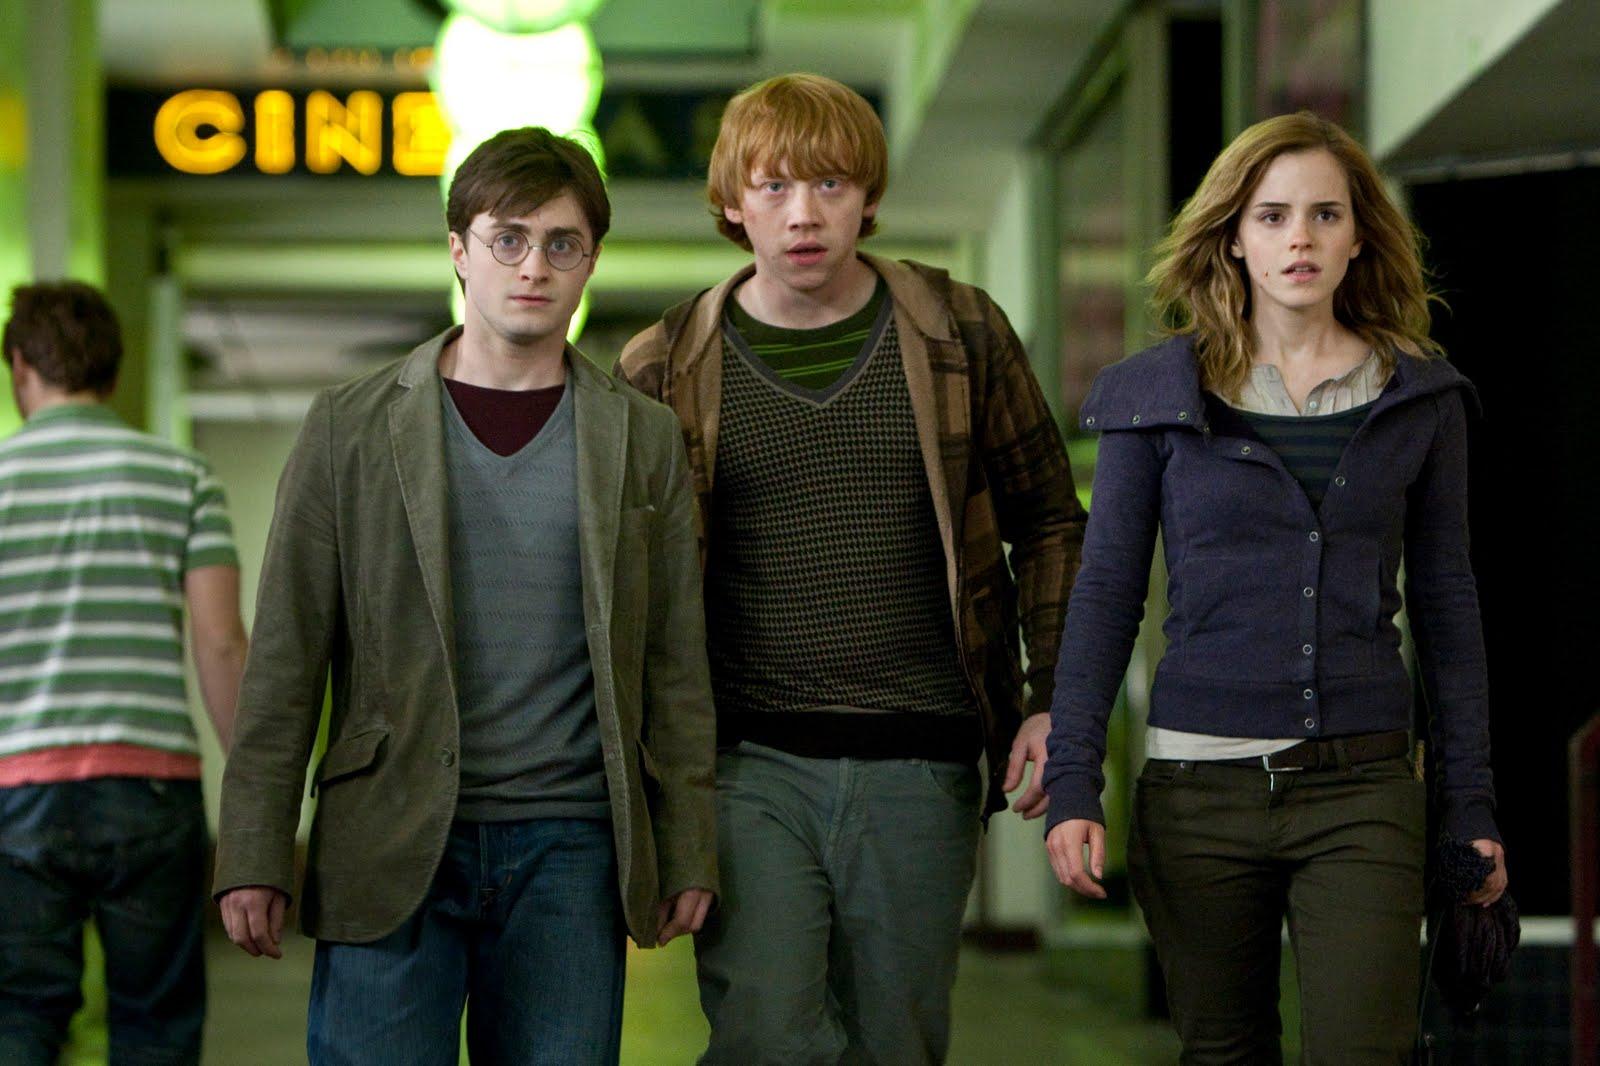 Fotogramas Y Palabras Harry Potter Y Las Reliquias De La Muerte Parte 1 Un Extenso Viaje